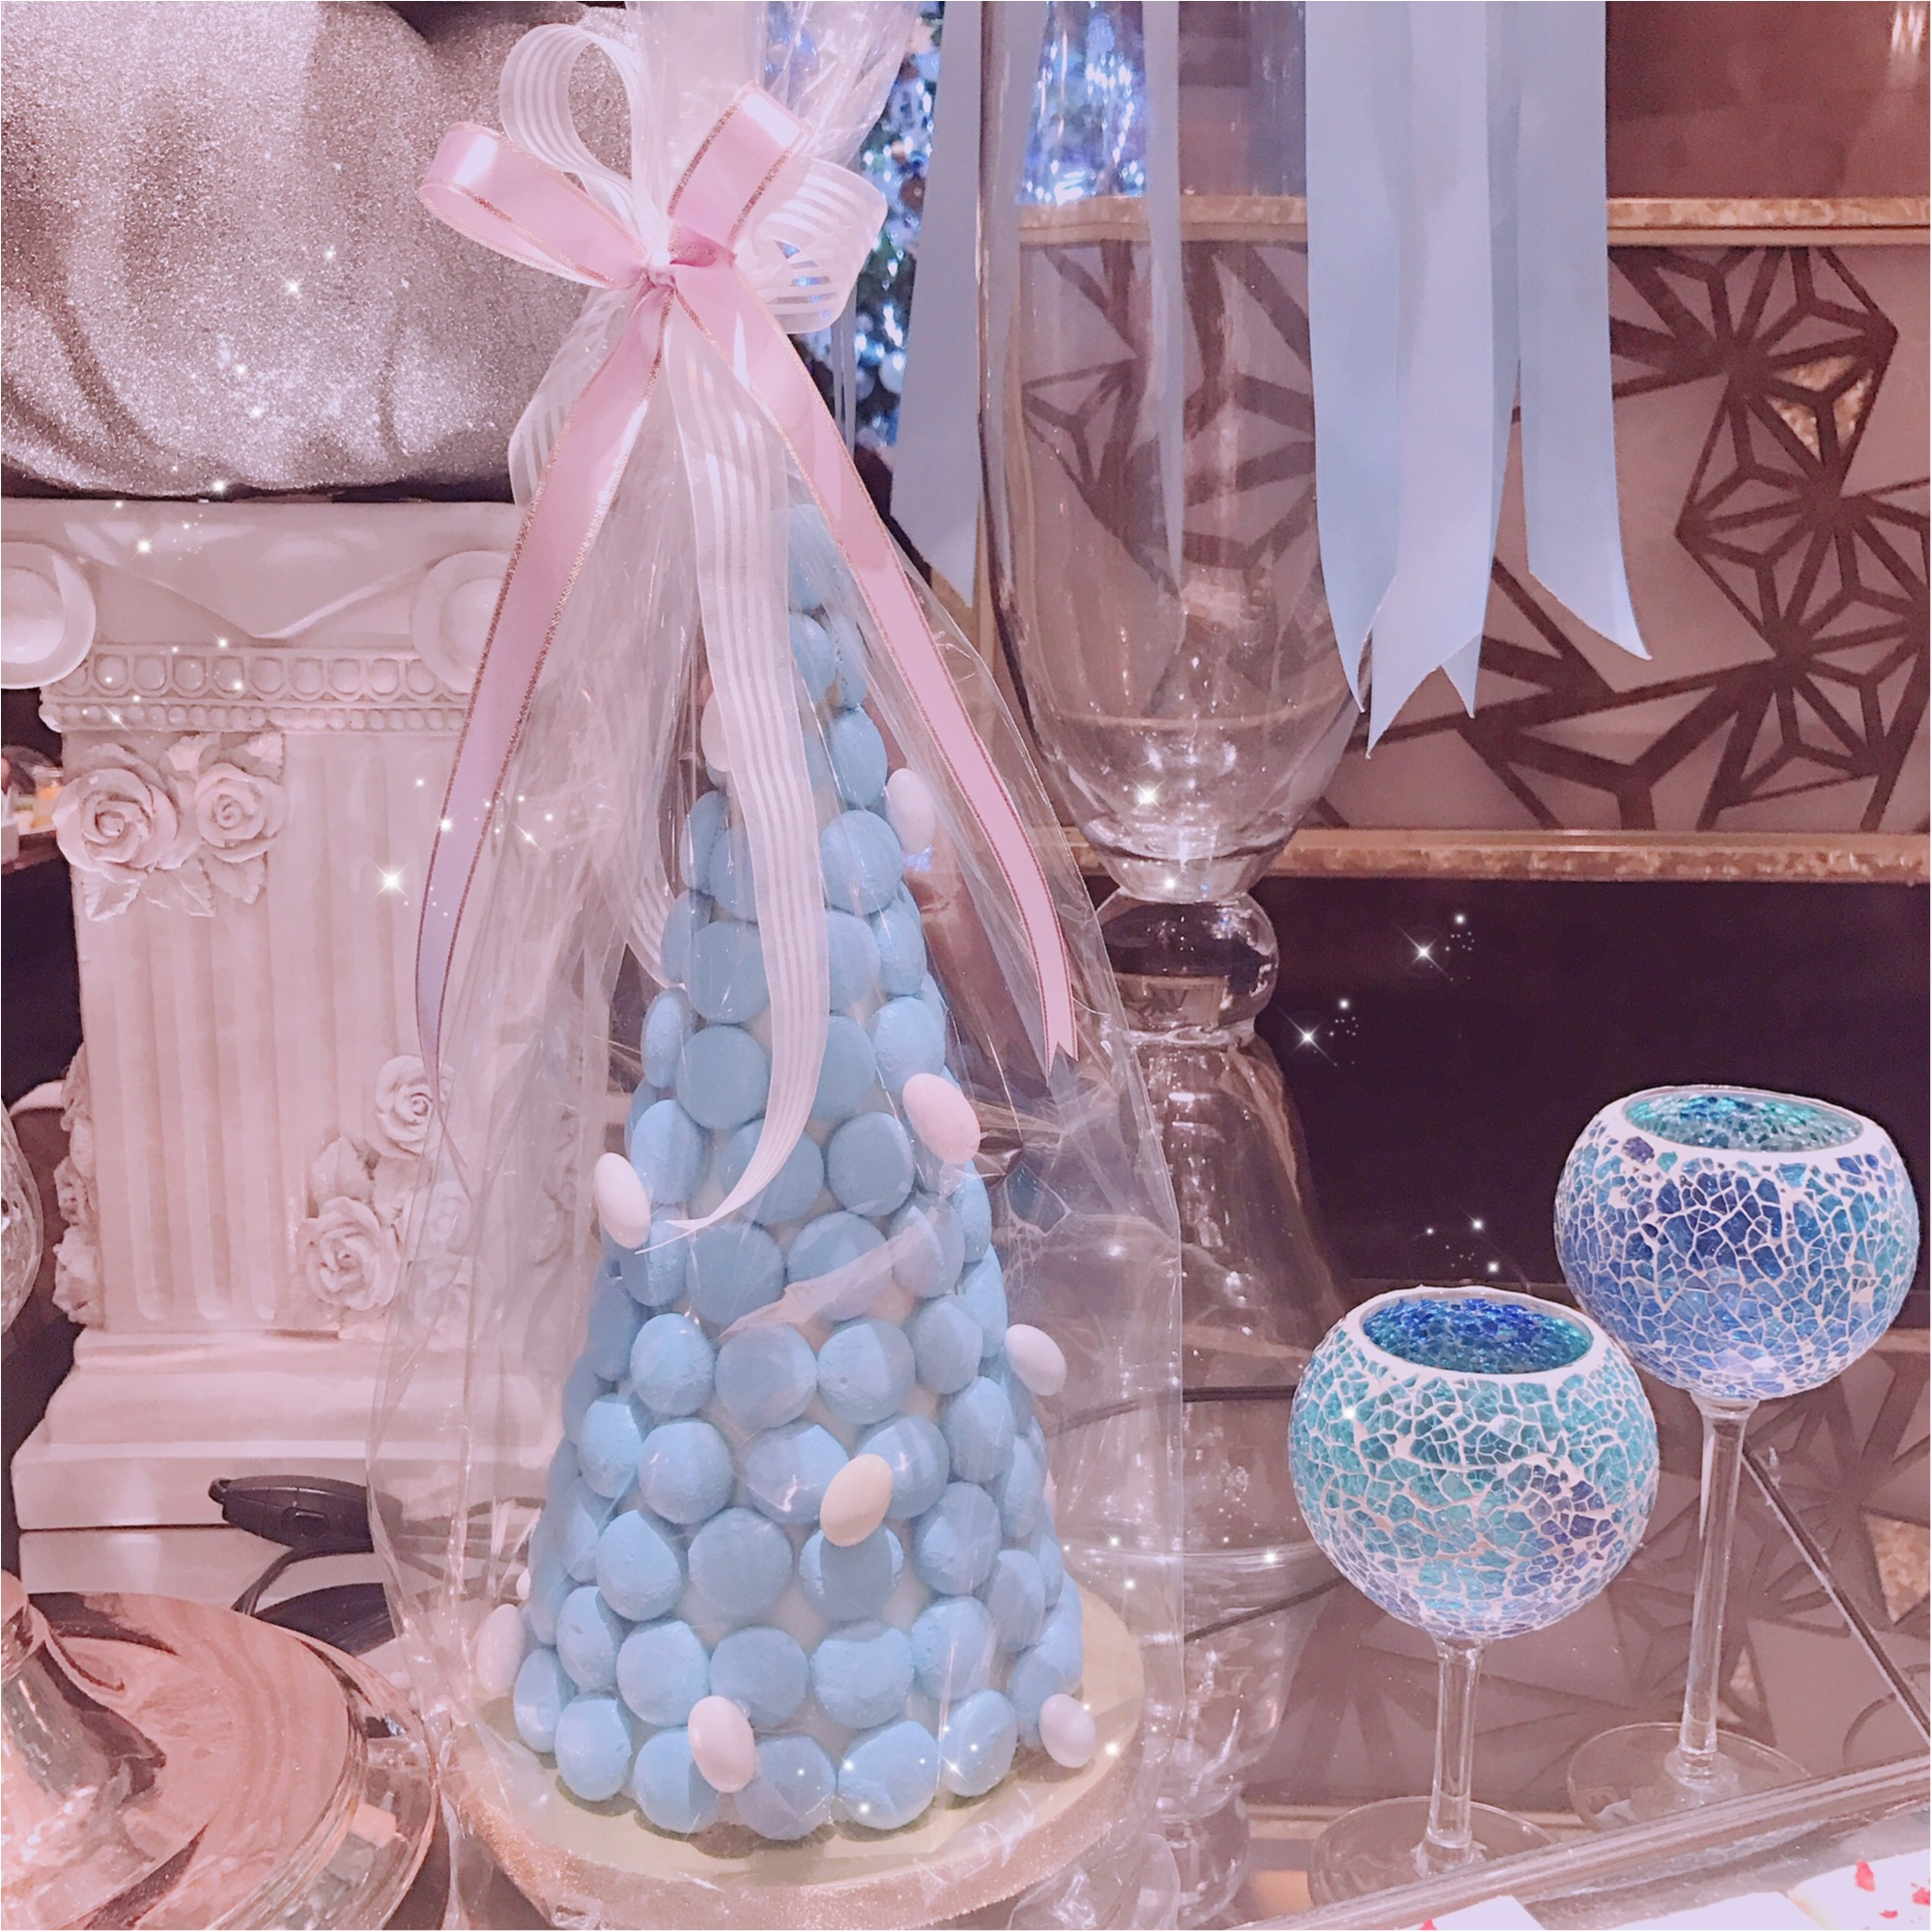 今回も可愛すぎ!ヒルトン東京マーブルラウンジ スイーツビュッフェのクリスマスフェアは、シンデレラがテーマ。_2_3